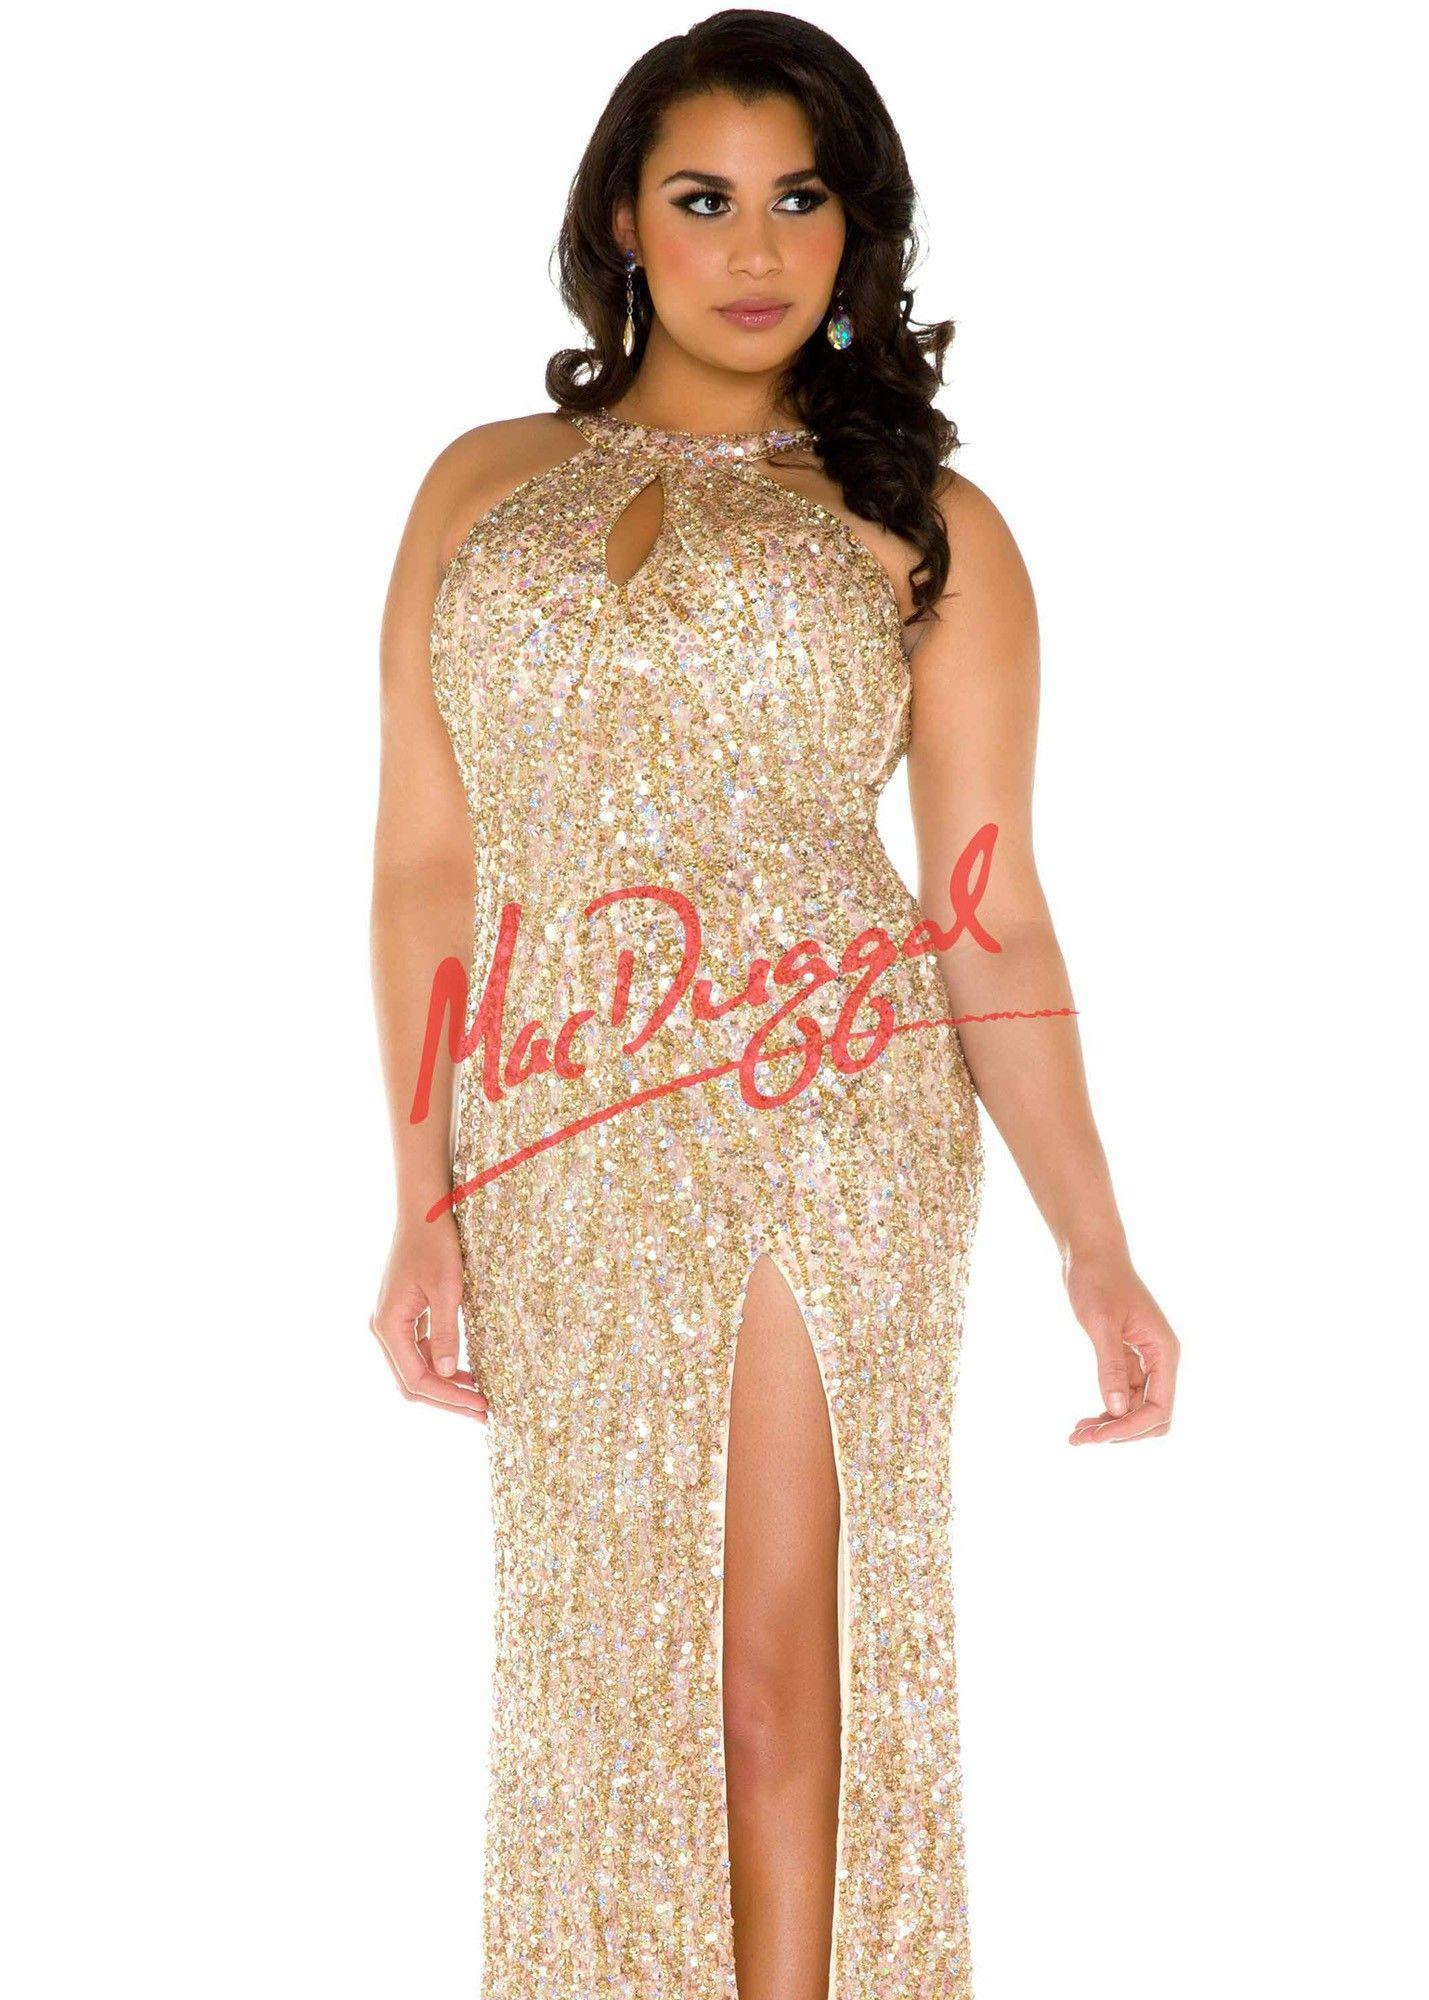 Fabulouss by Mac Duggal 4138 Dazzling Gold Sequin Plus